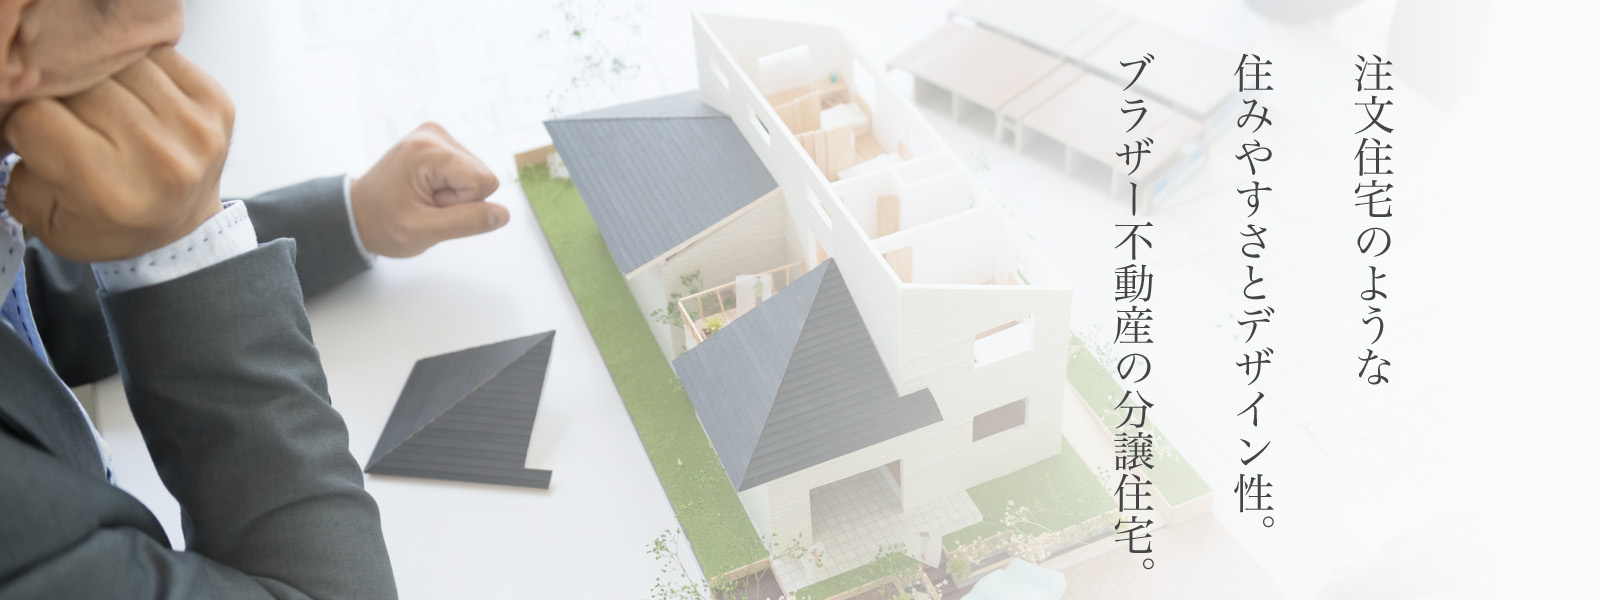 注文住宅のような住みやすさとデザイン性。ブラザー不動産の分譲住宅。